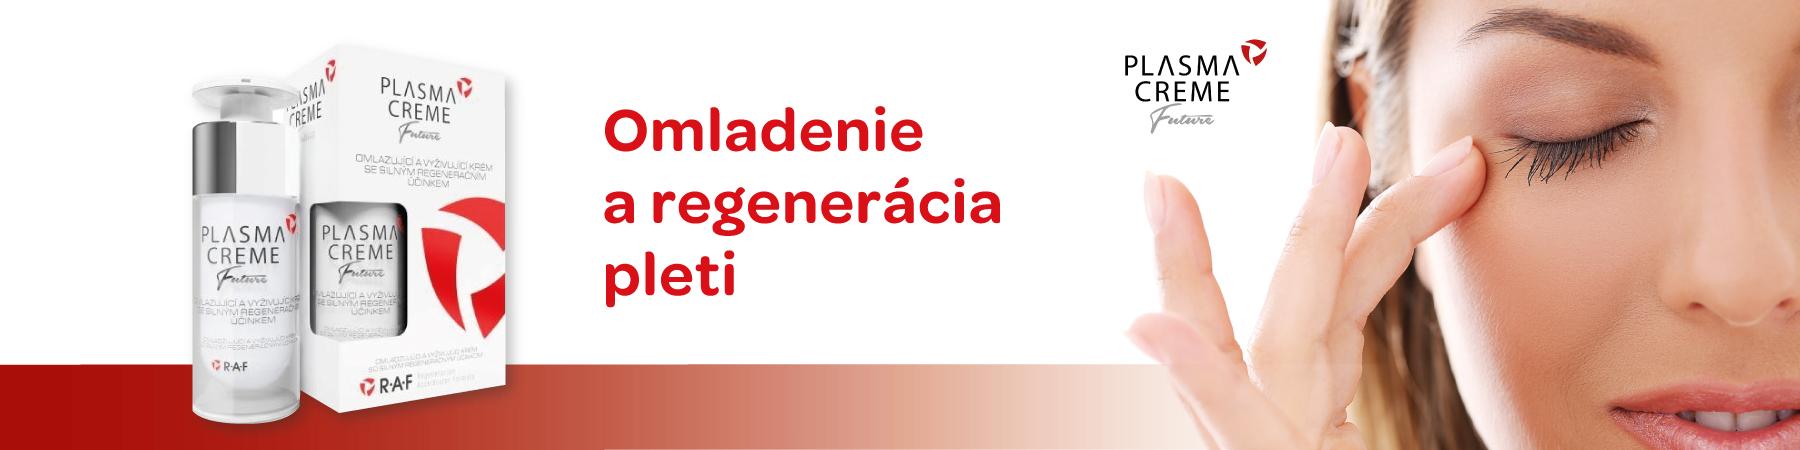 plasmacreme future